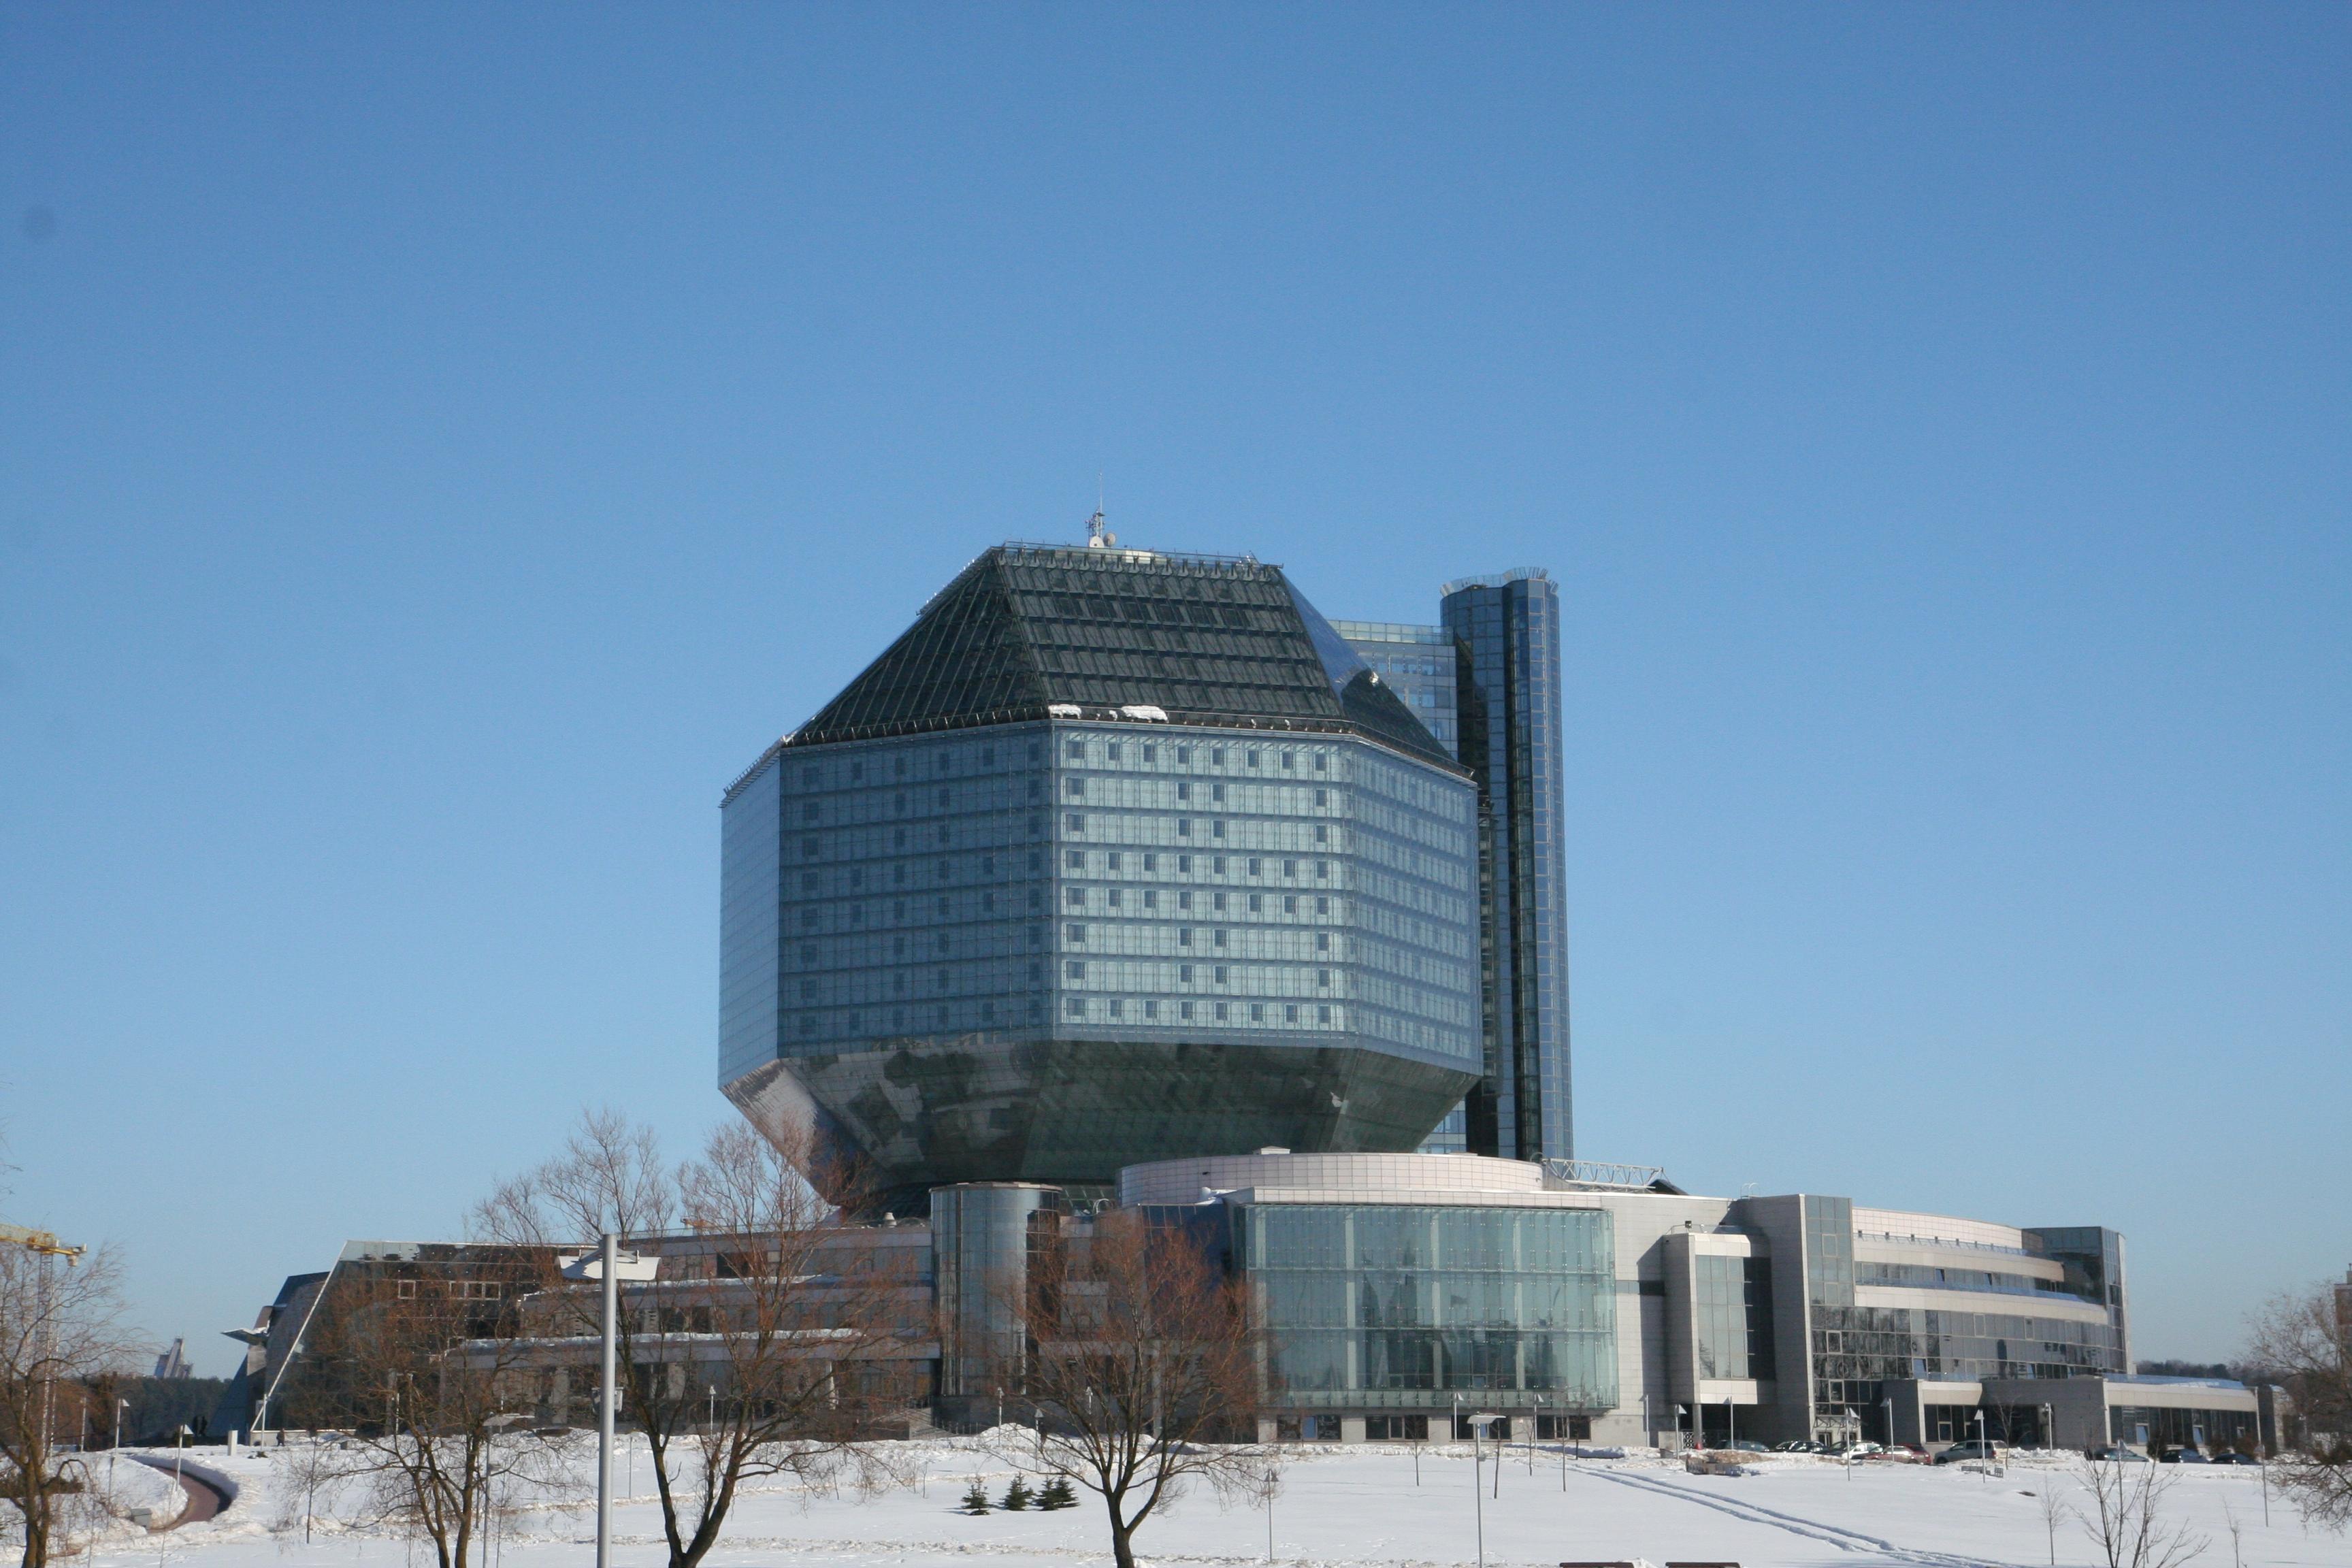 De nationale bibliotheek van Wit-Rusland, figuur van het gebouw is een rhombicuboctahedron